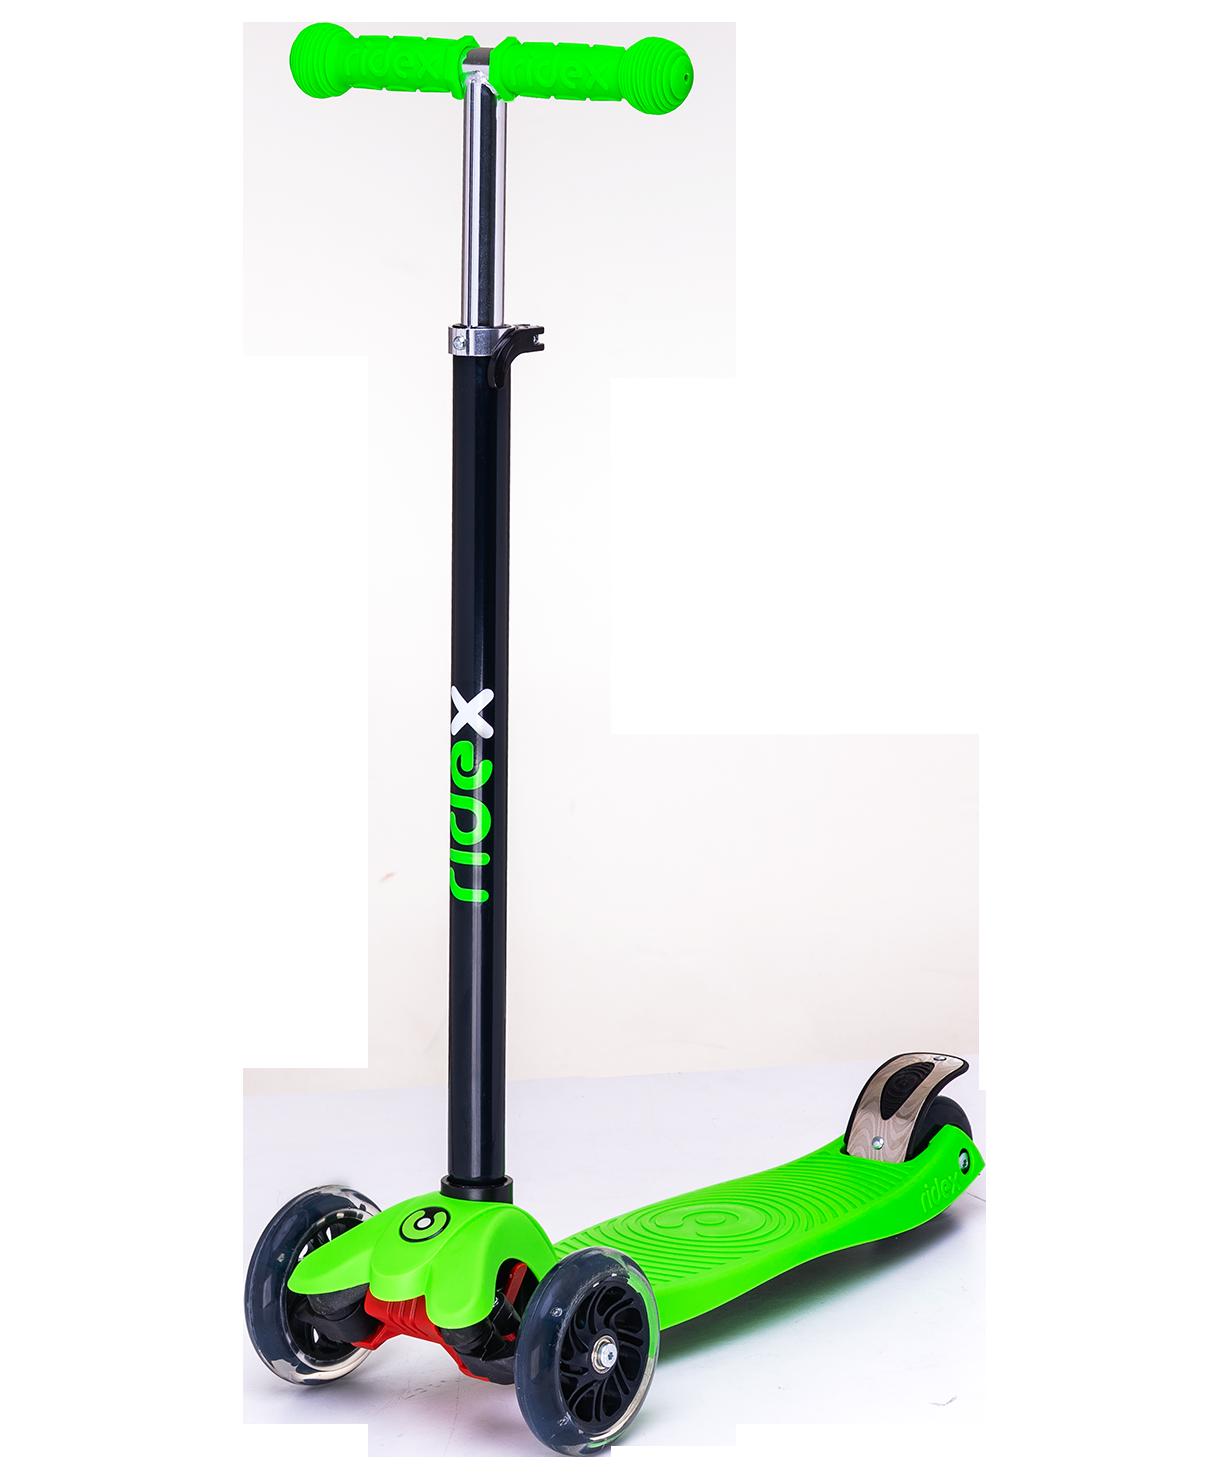 Трёхколёсный самокат Ridex Snappy 3D детский зеленый со светящимися колёсами